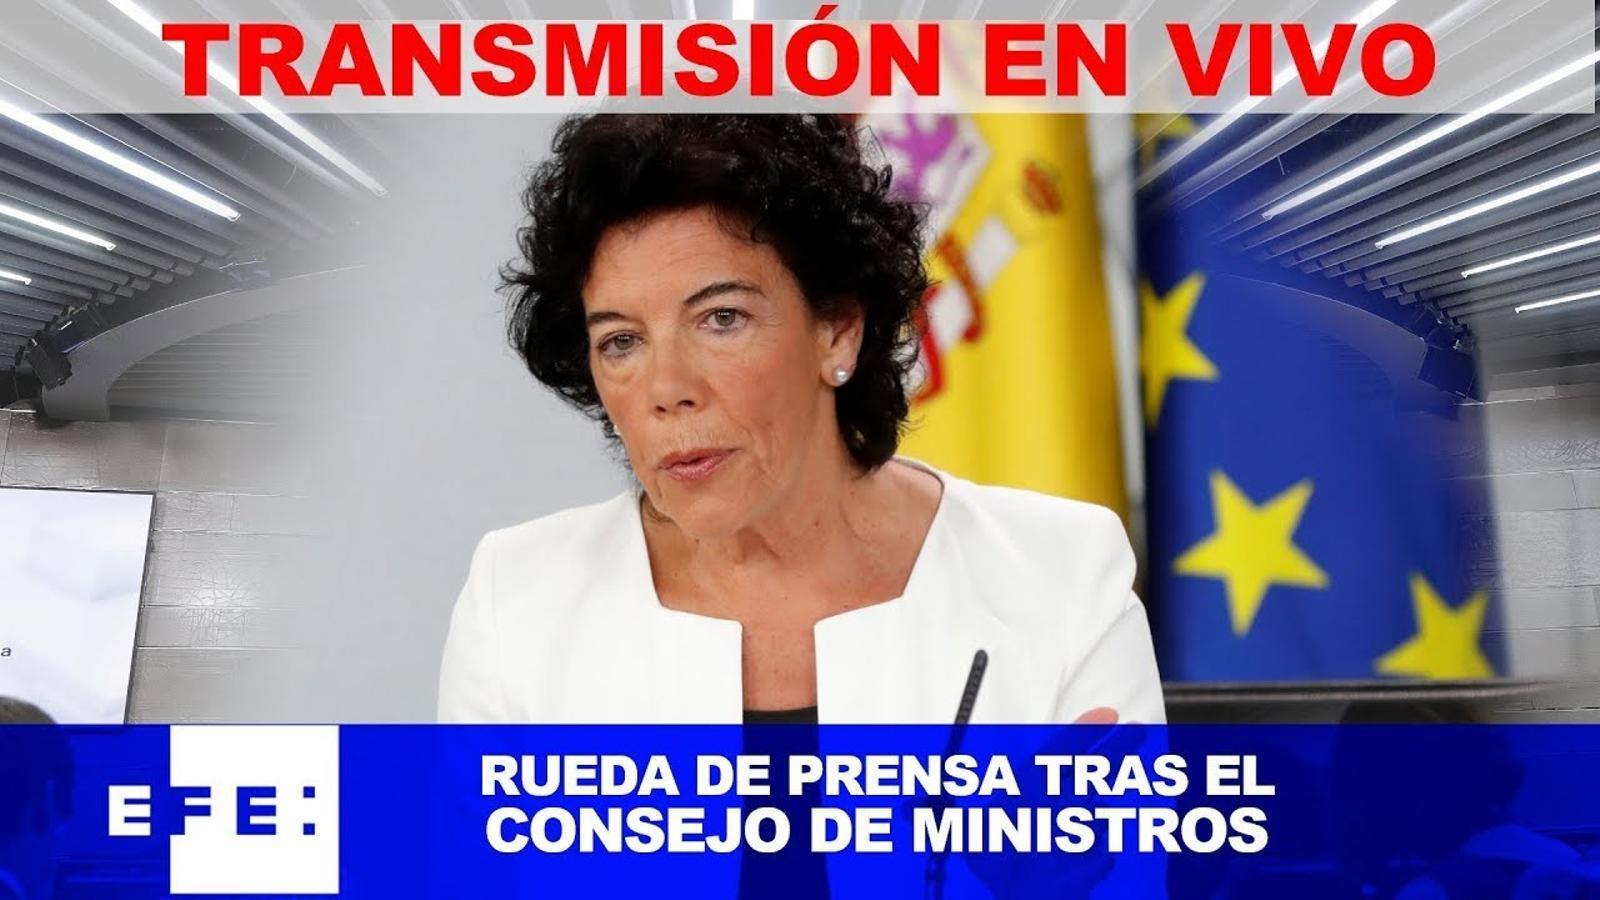 EN DIRECTE: Roda de premsa del consell de ministres amb la presentació dels pressupostos